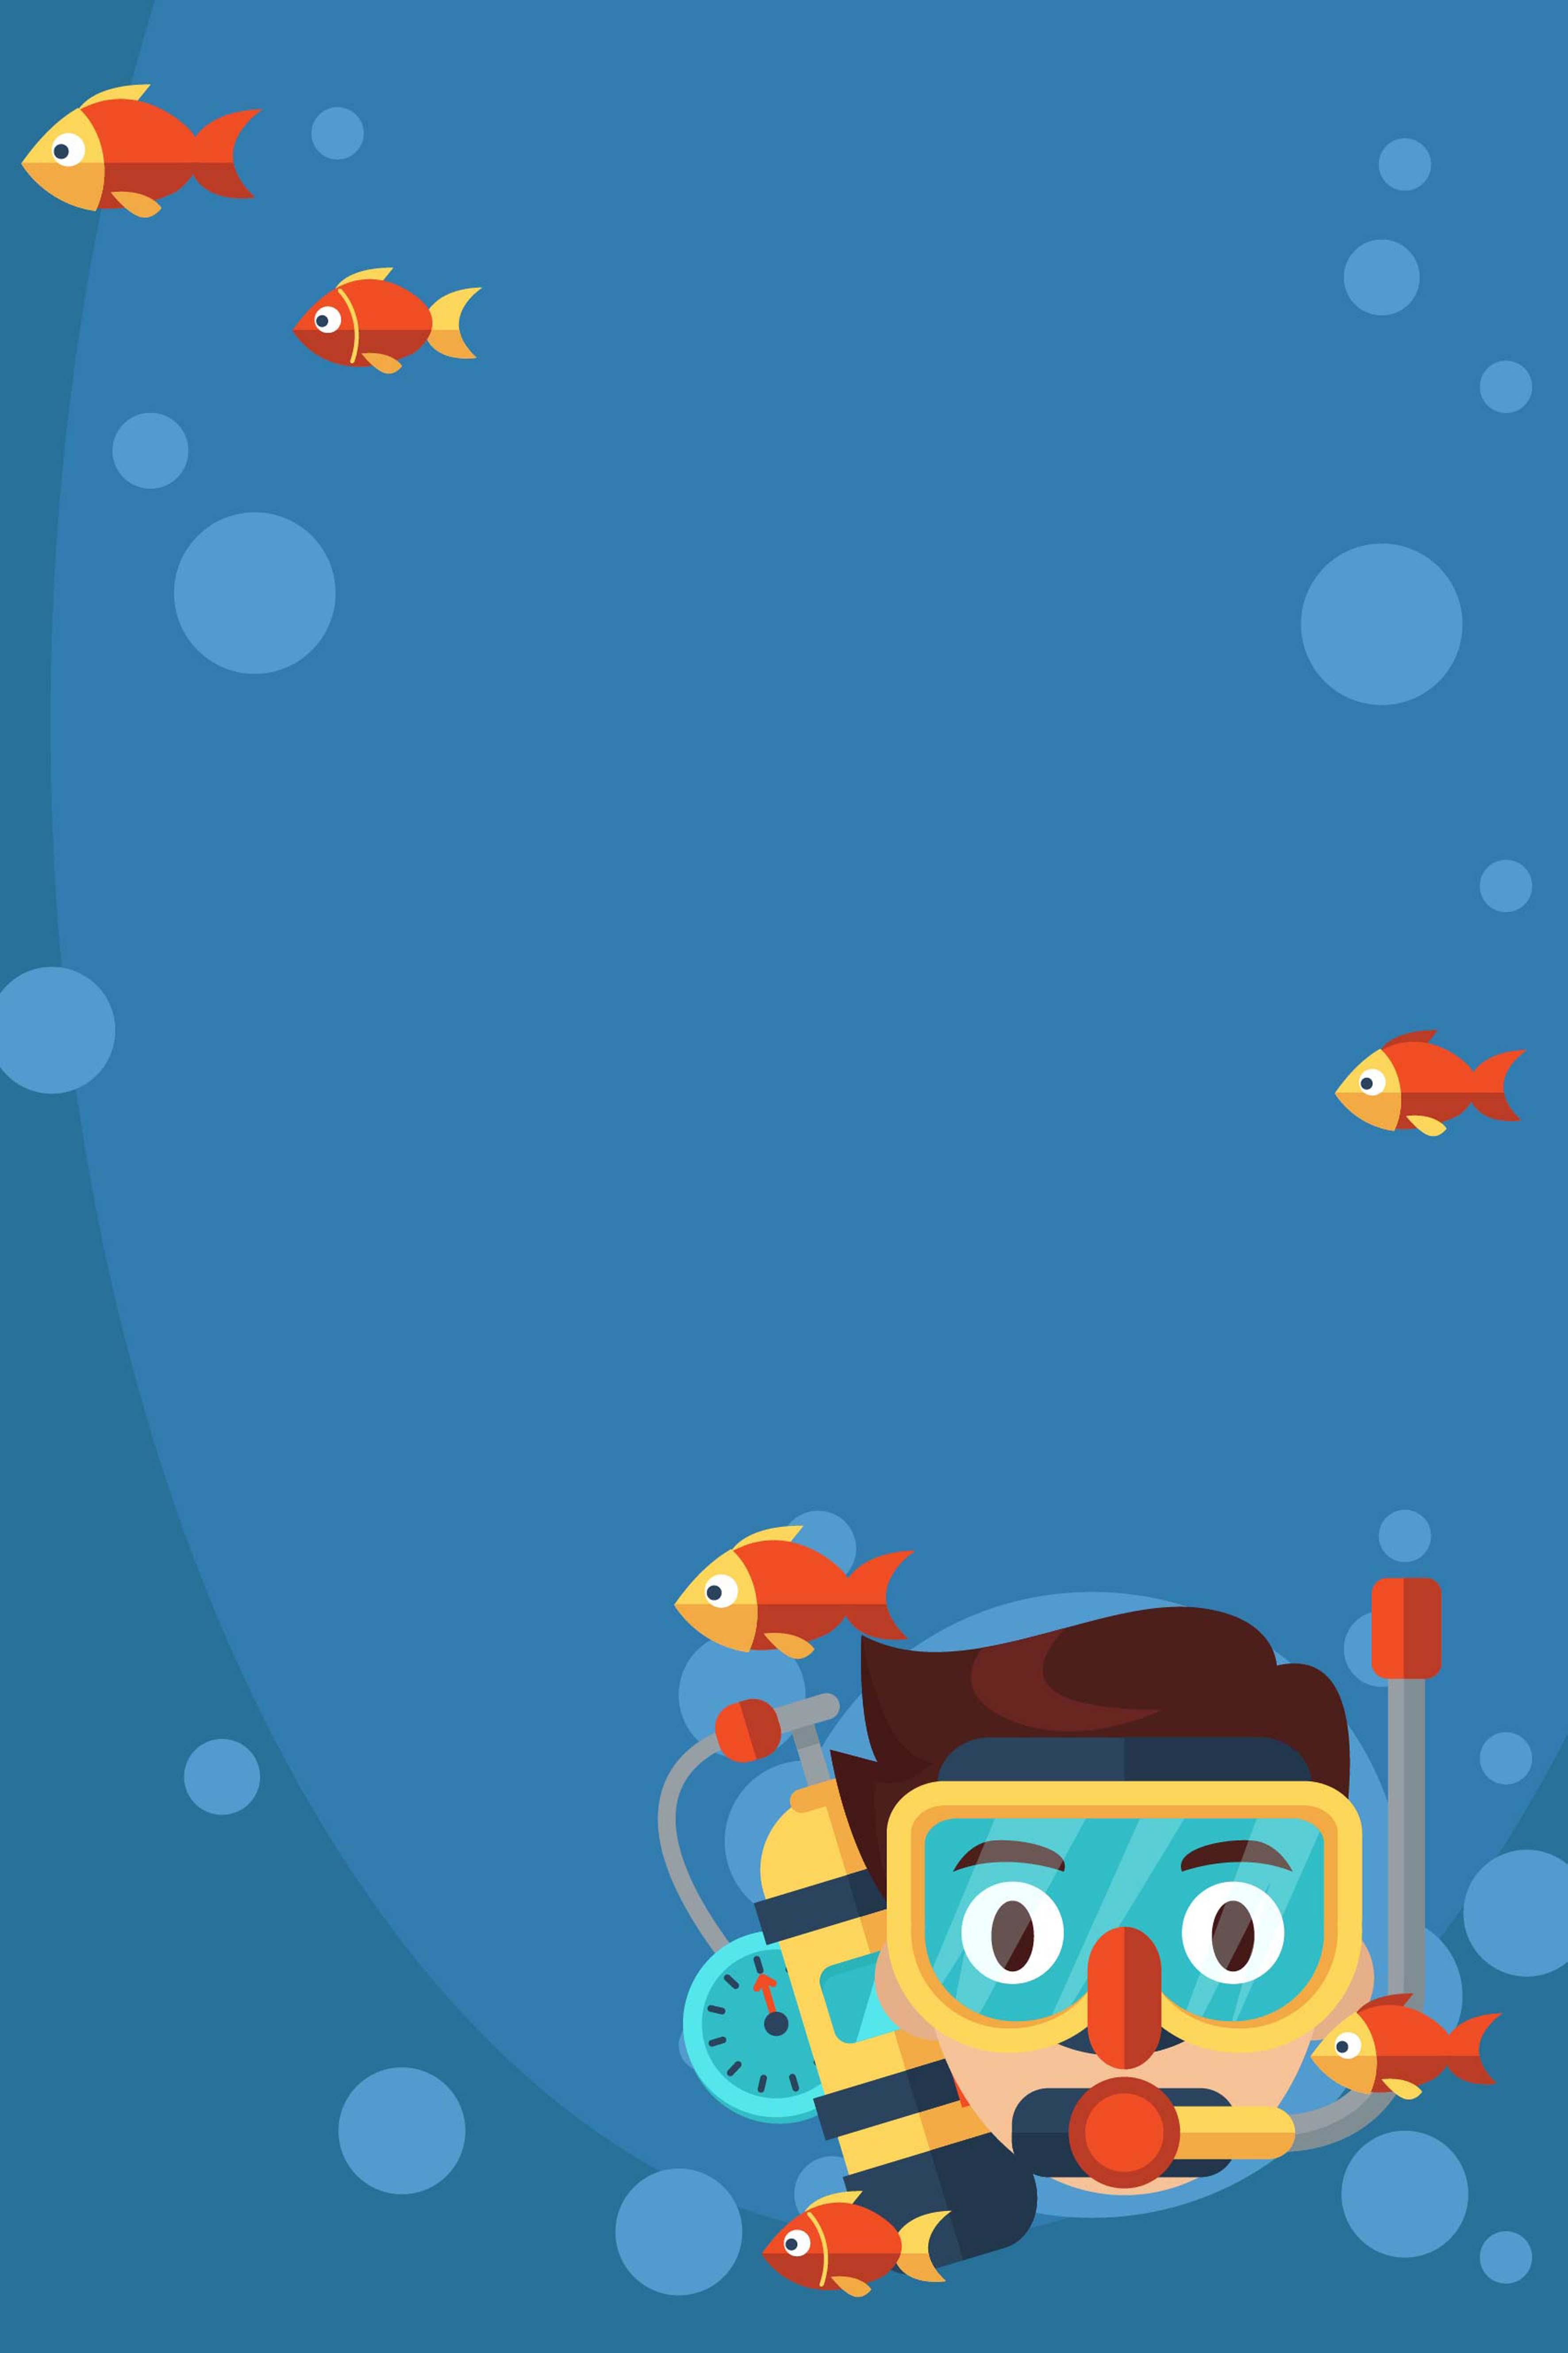 desenhos animados de mergulho de resgate pintado cartazes